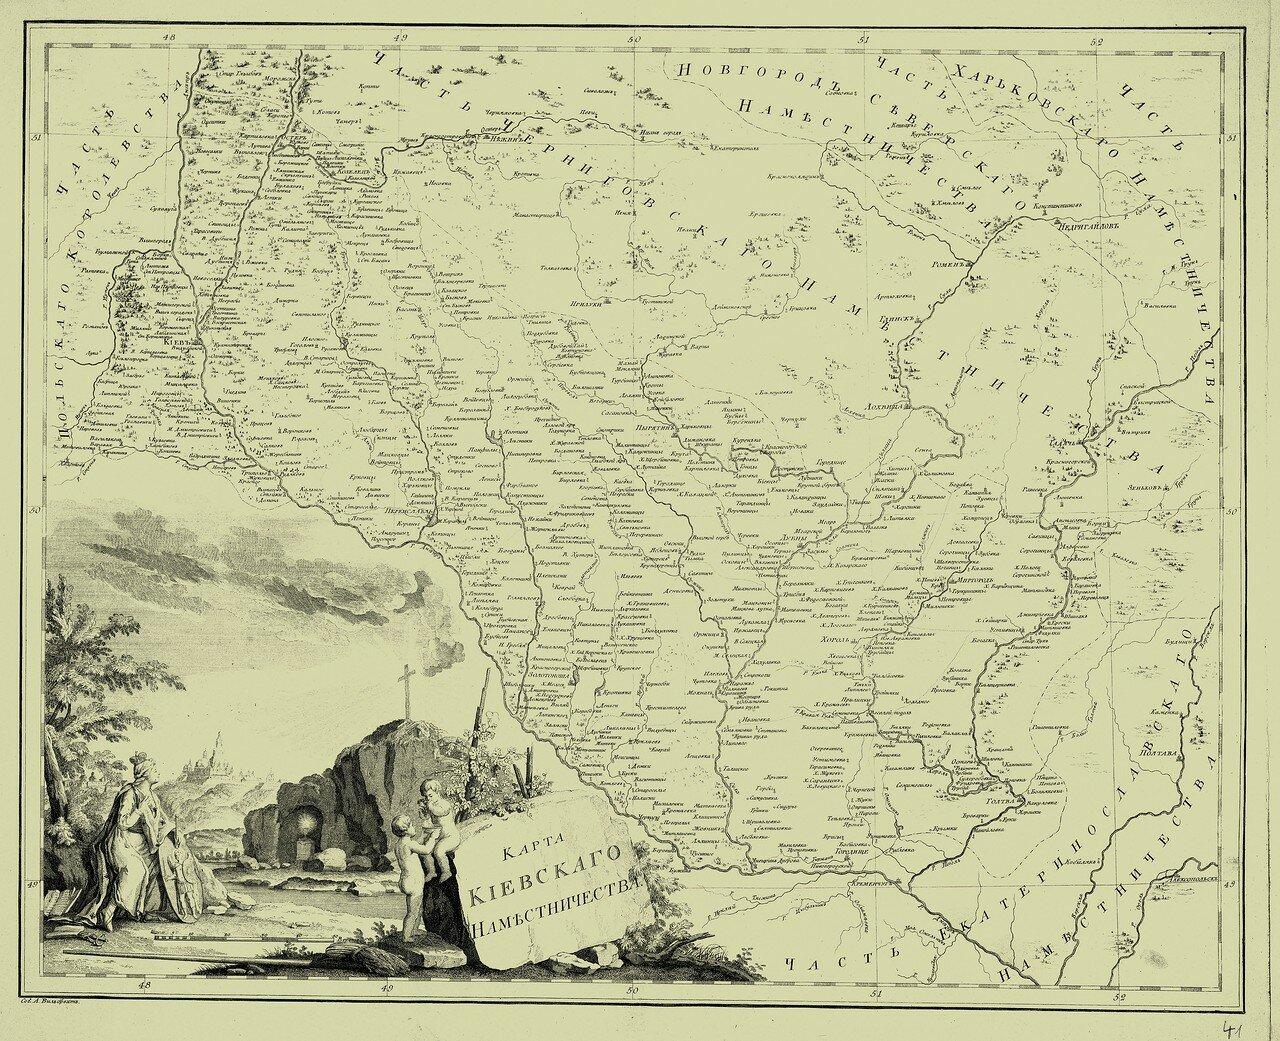 41. Карта Киевского наместничества